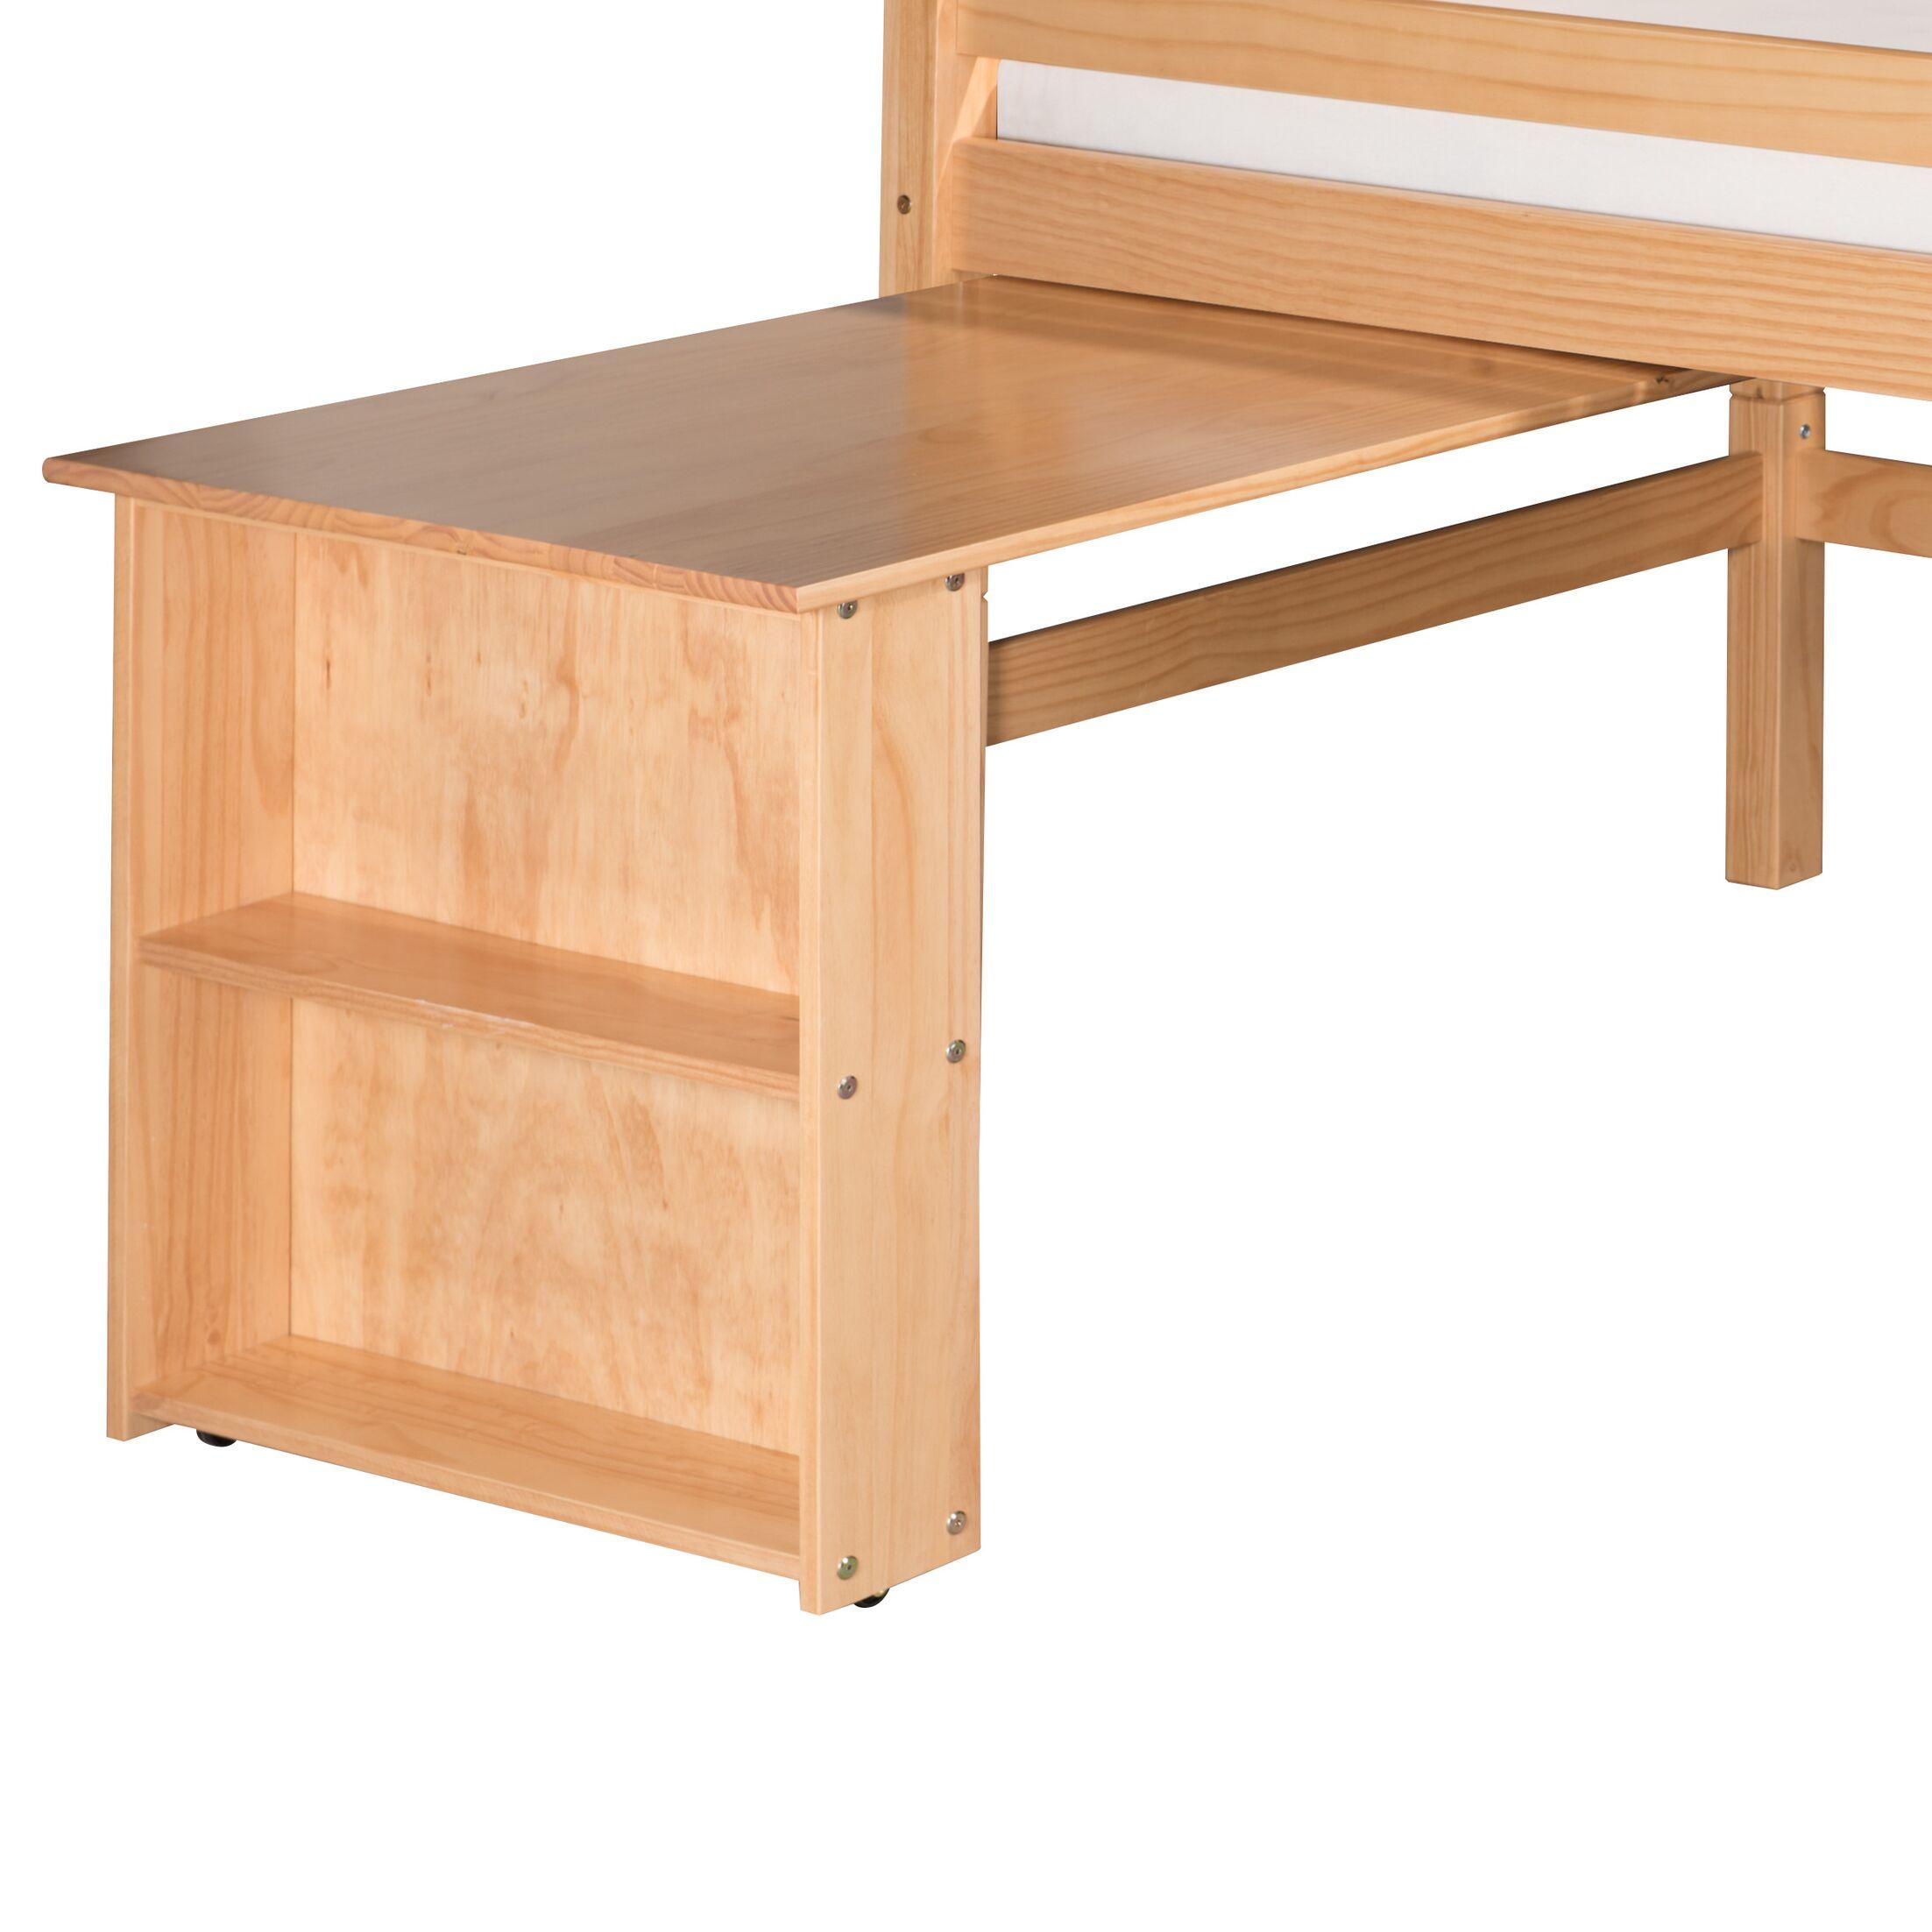 Isabelle Low Loft Bed Retractable Desk Color: Natural